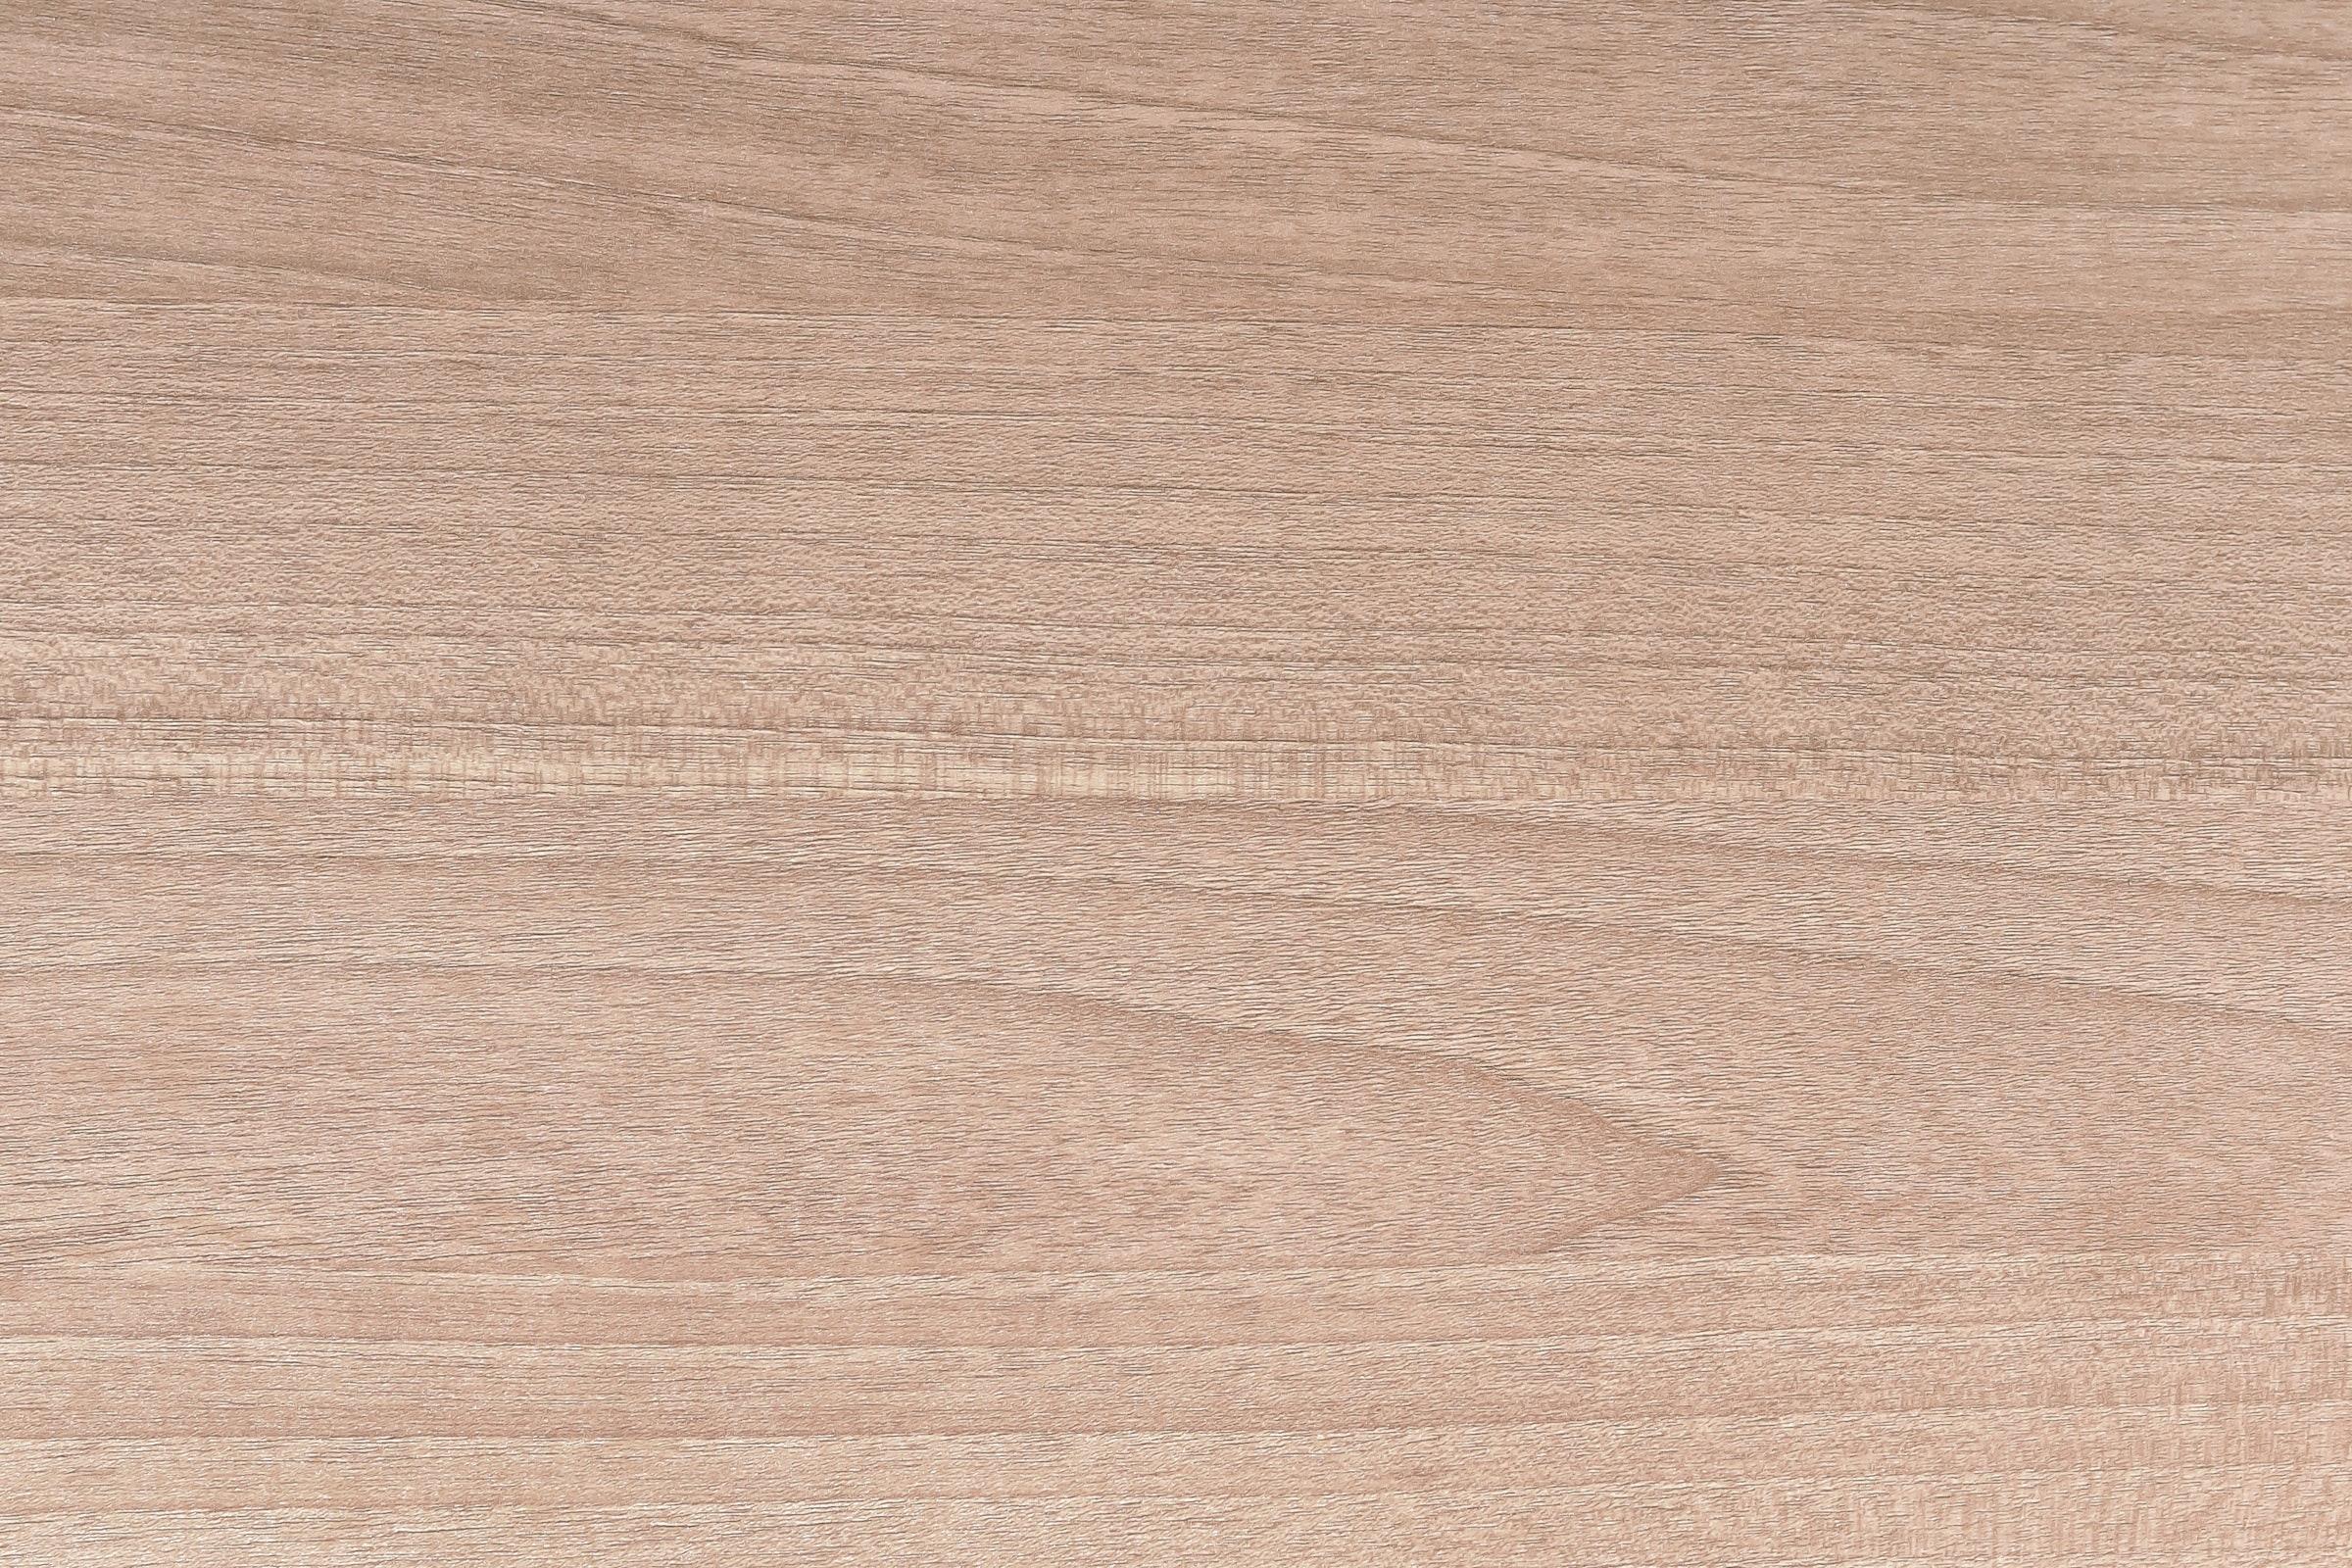 Wood texture Mahogany Pixabay Pexels 1000 Great Wood Texture Photos Pexels Free Stock Photos